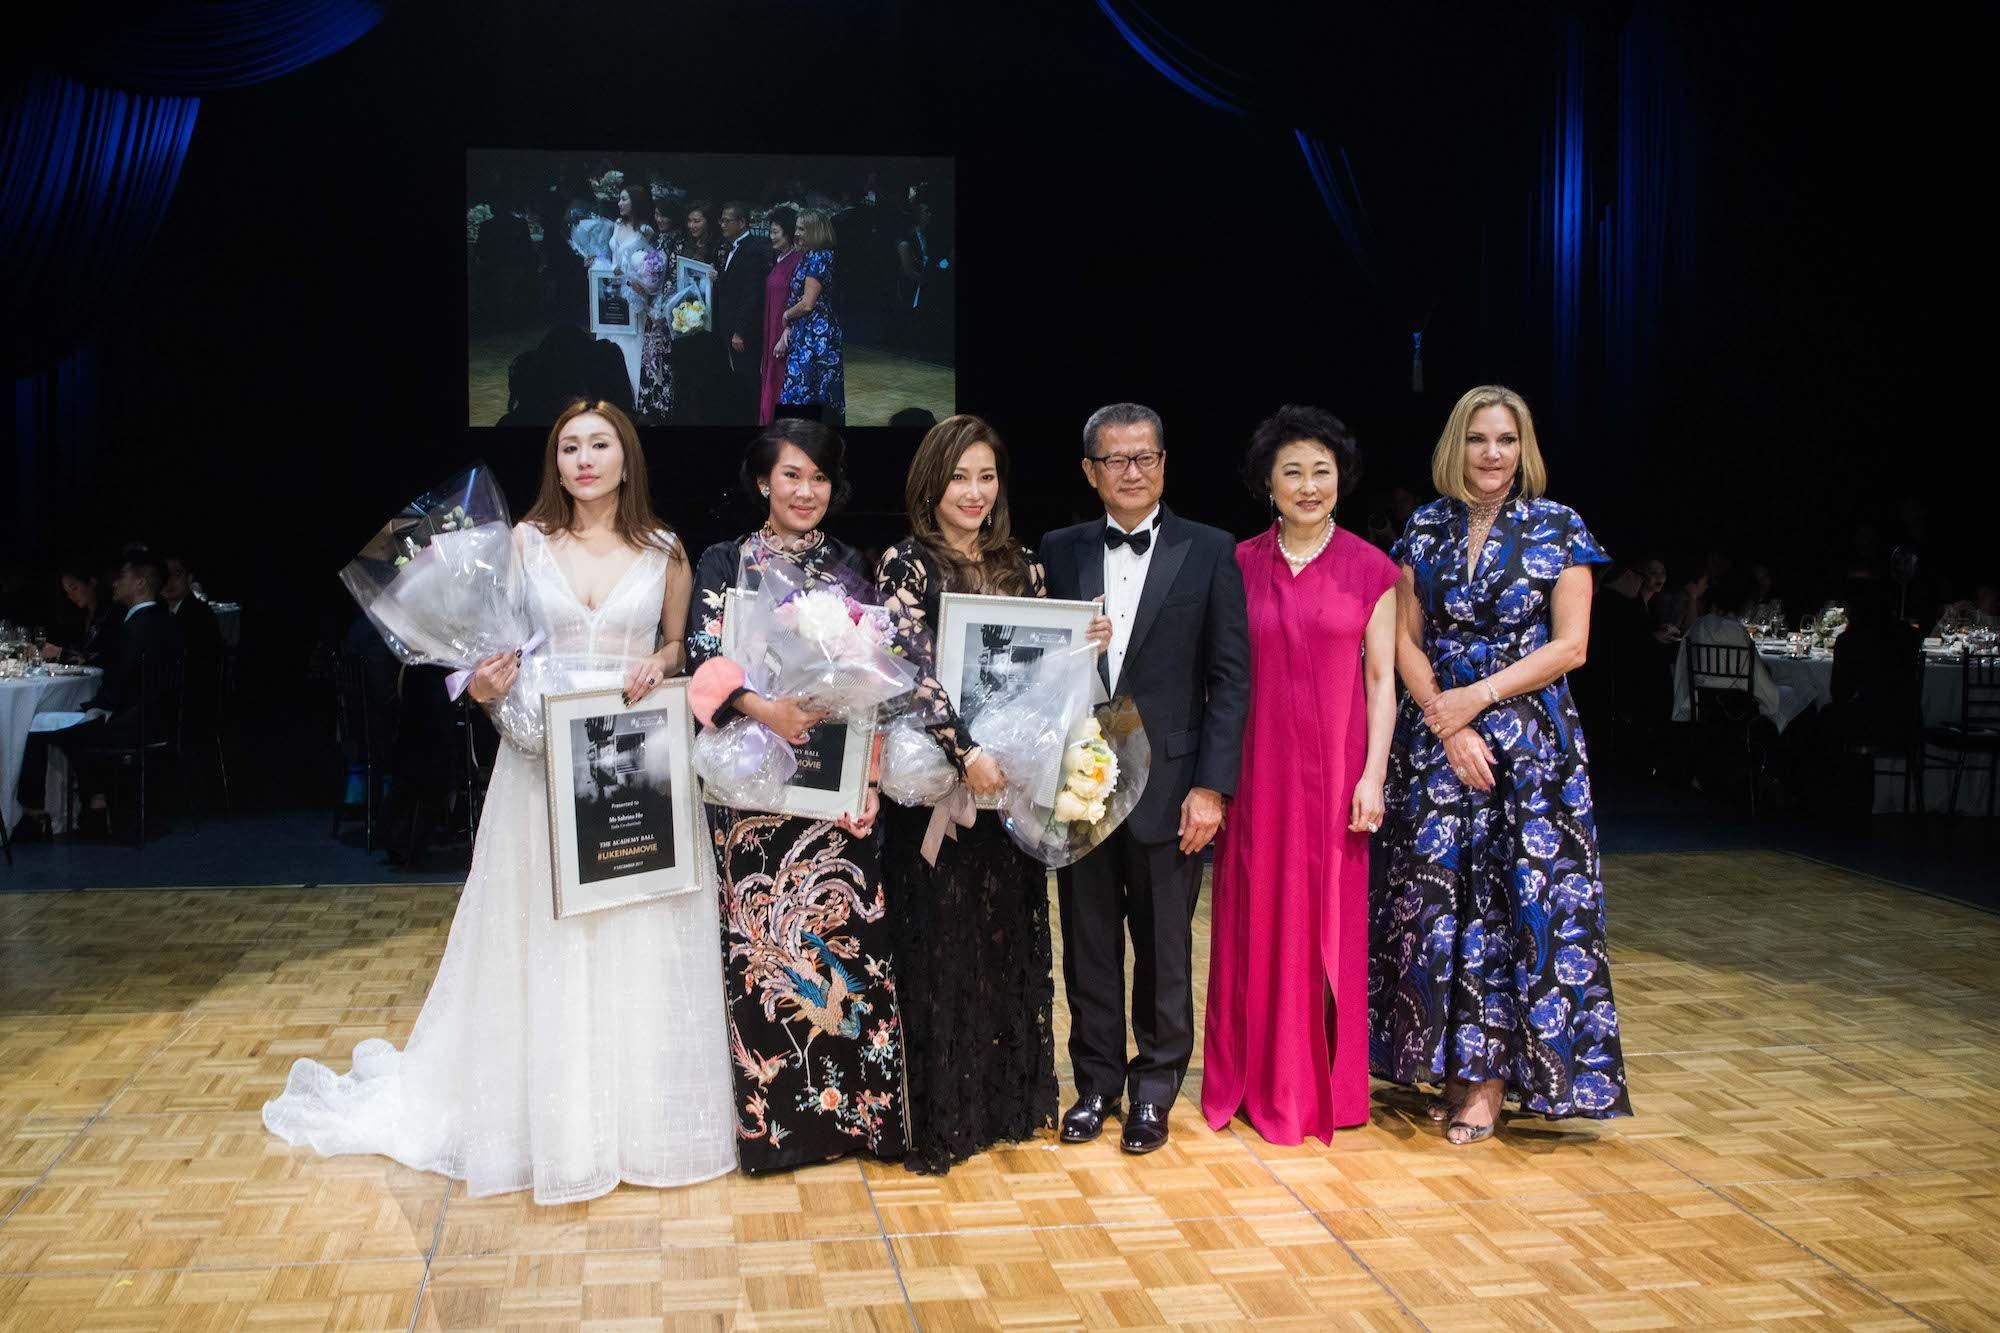 Sabrina Ho, Charmaine Ho, Winnie Chiu, Paul Chan, Sophia Kao-Lo, Alison Luscher